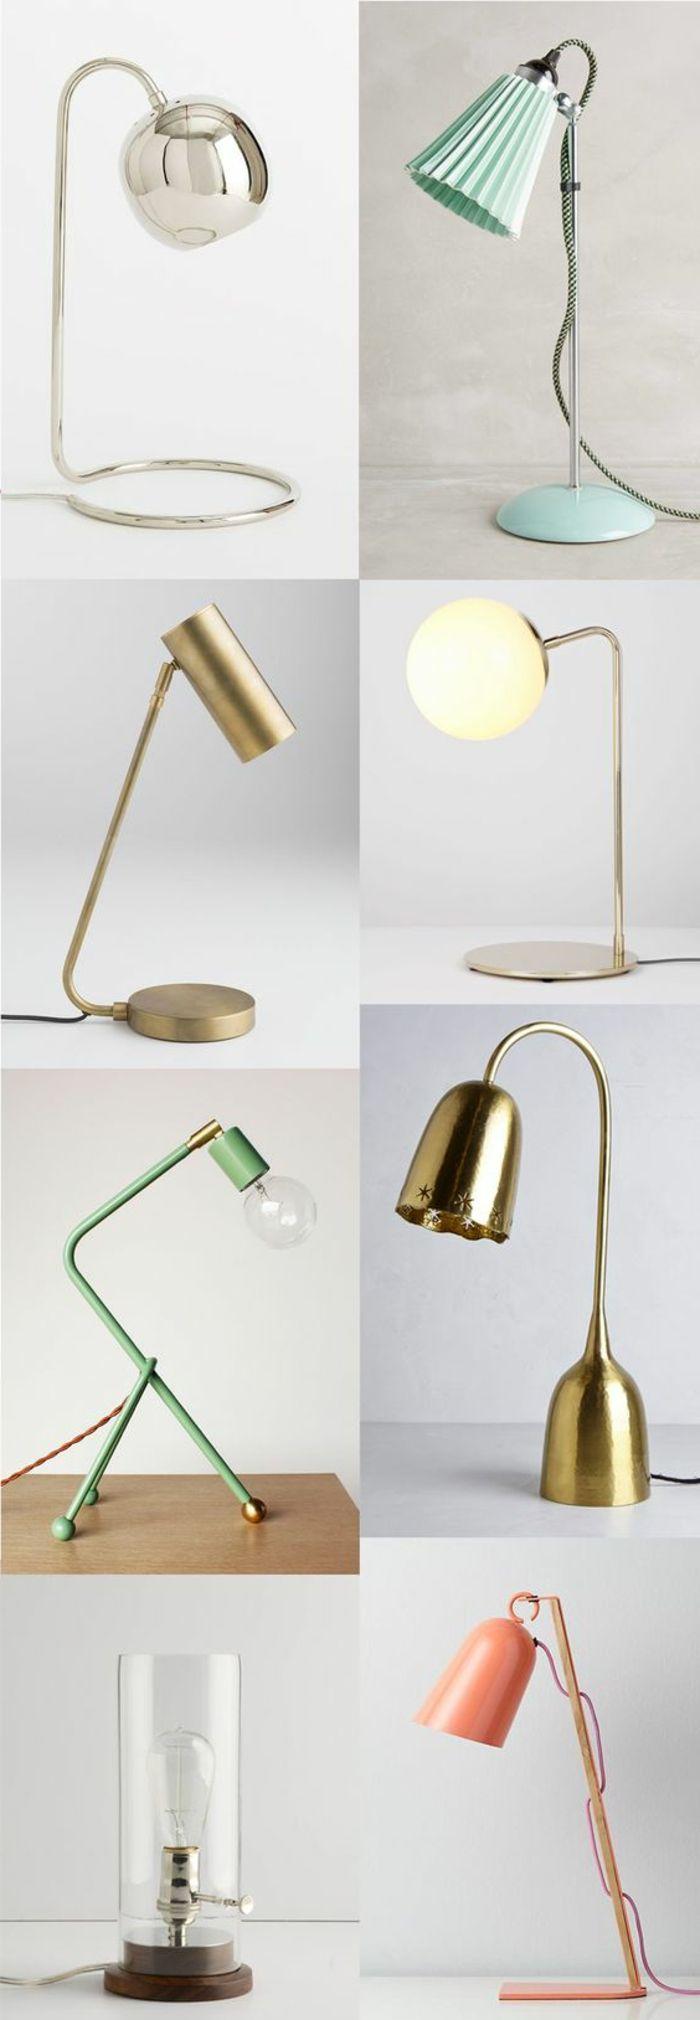 Lampe de bureau led design ikea